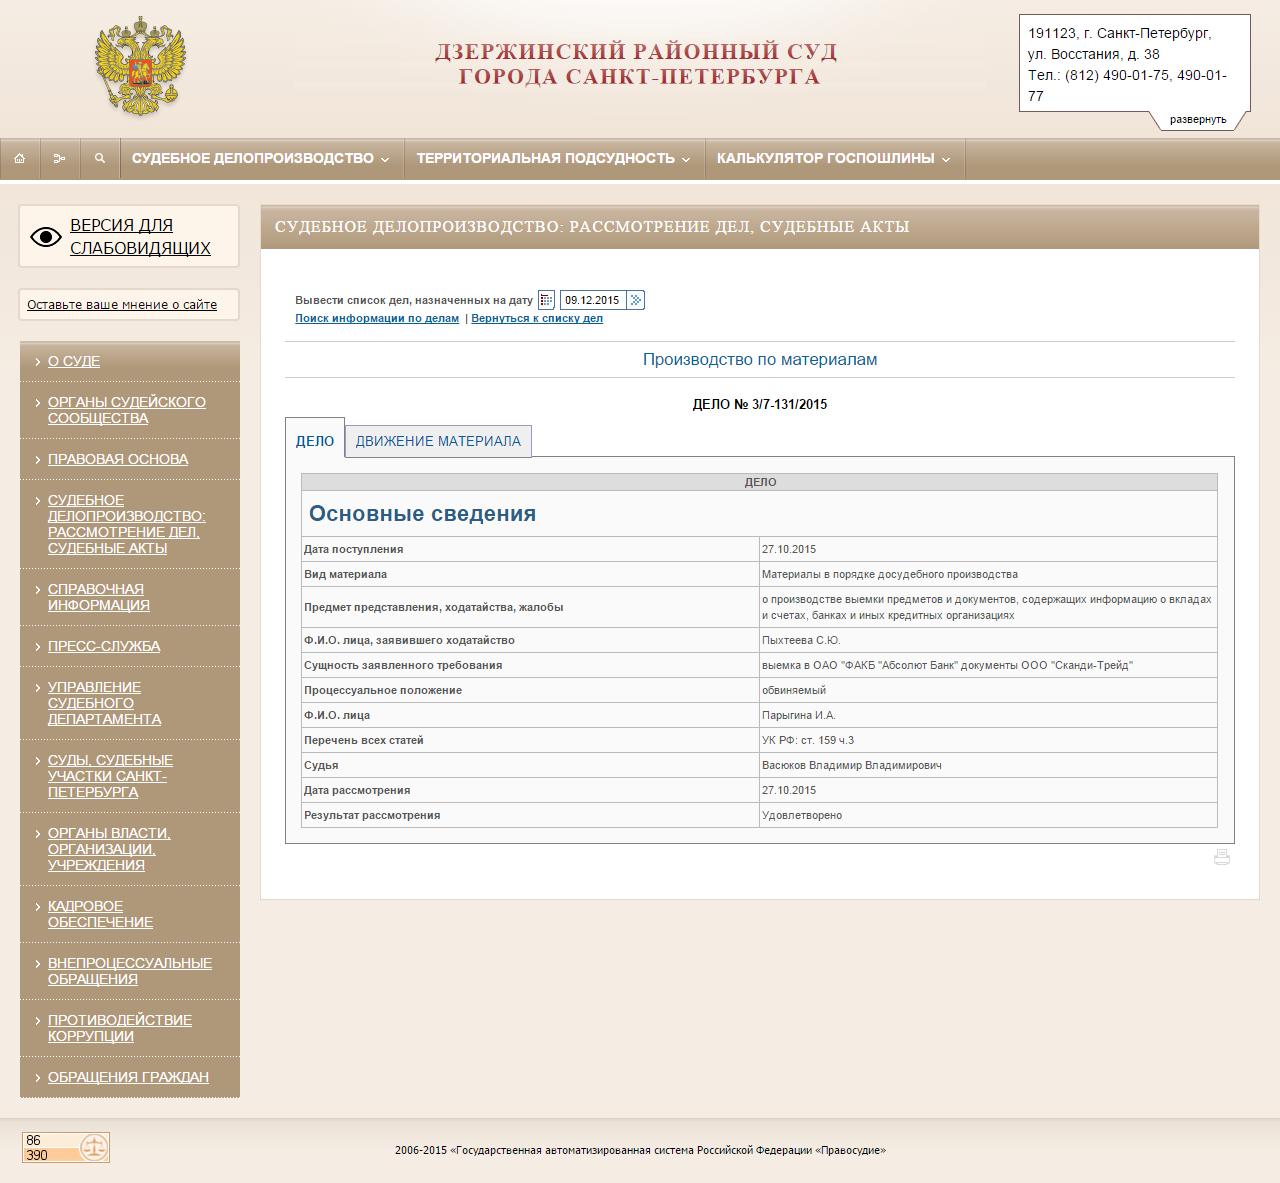 Прозрачные обыски Петербурга (Иллюстрация 8 из 9) (Фото: скриншот сайта суда)